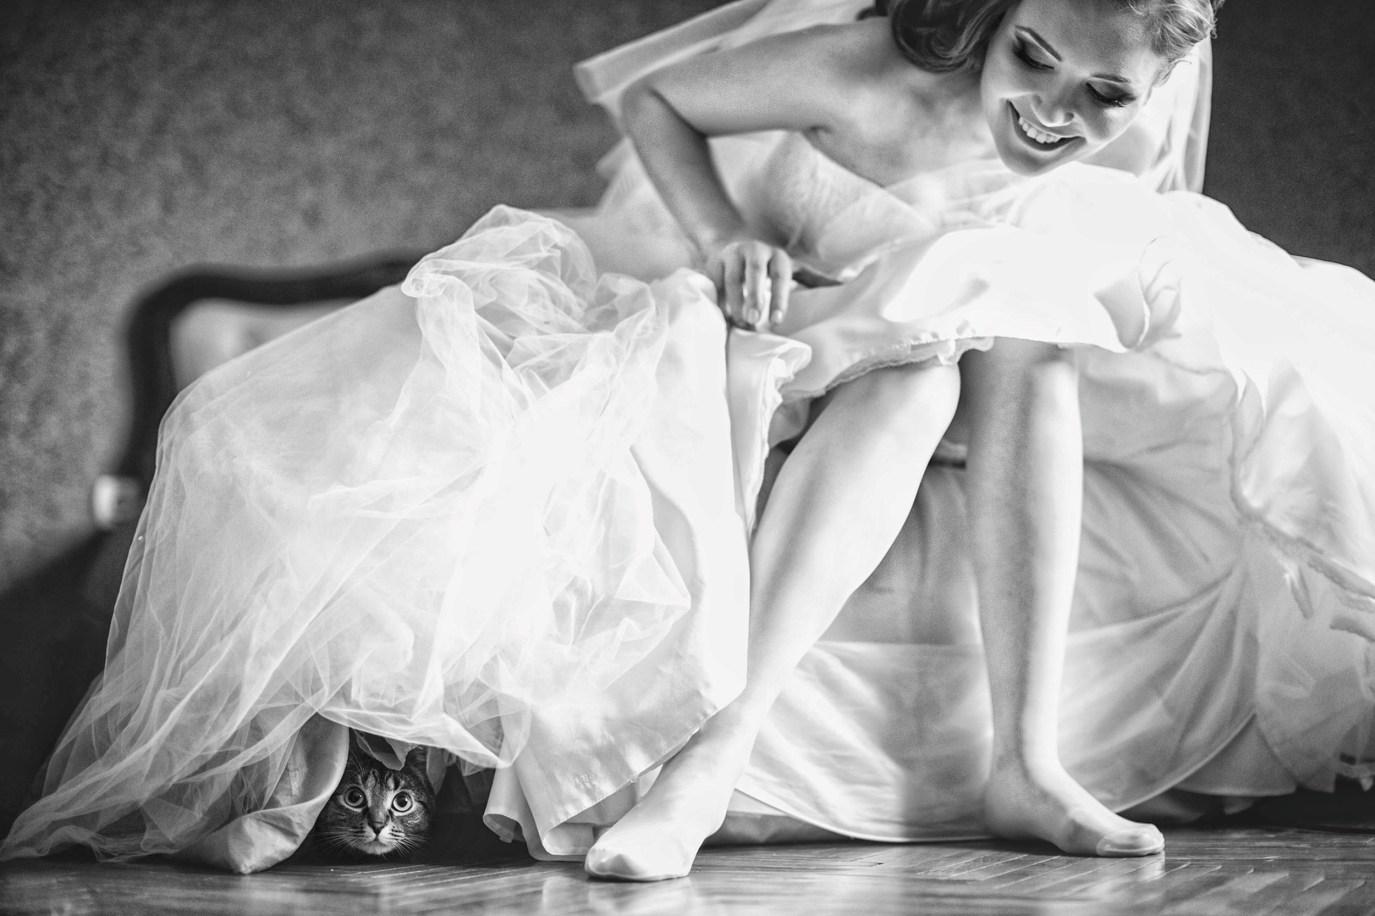 WEDDING COUPLE ART HUMOUR SHOTS 007416 (Custom)